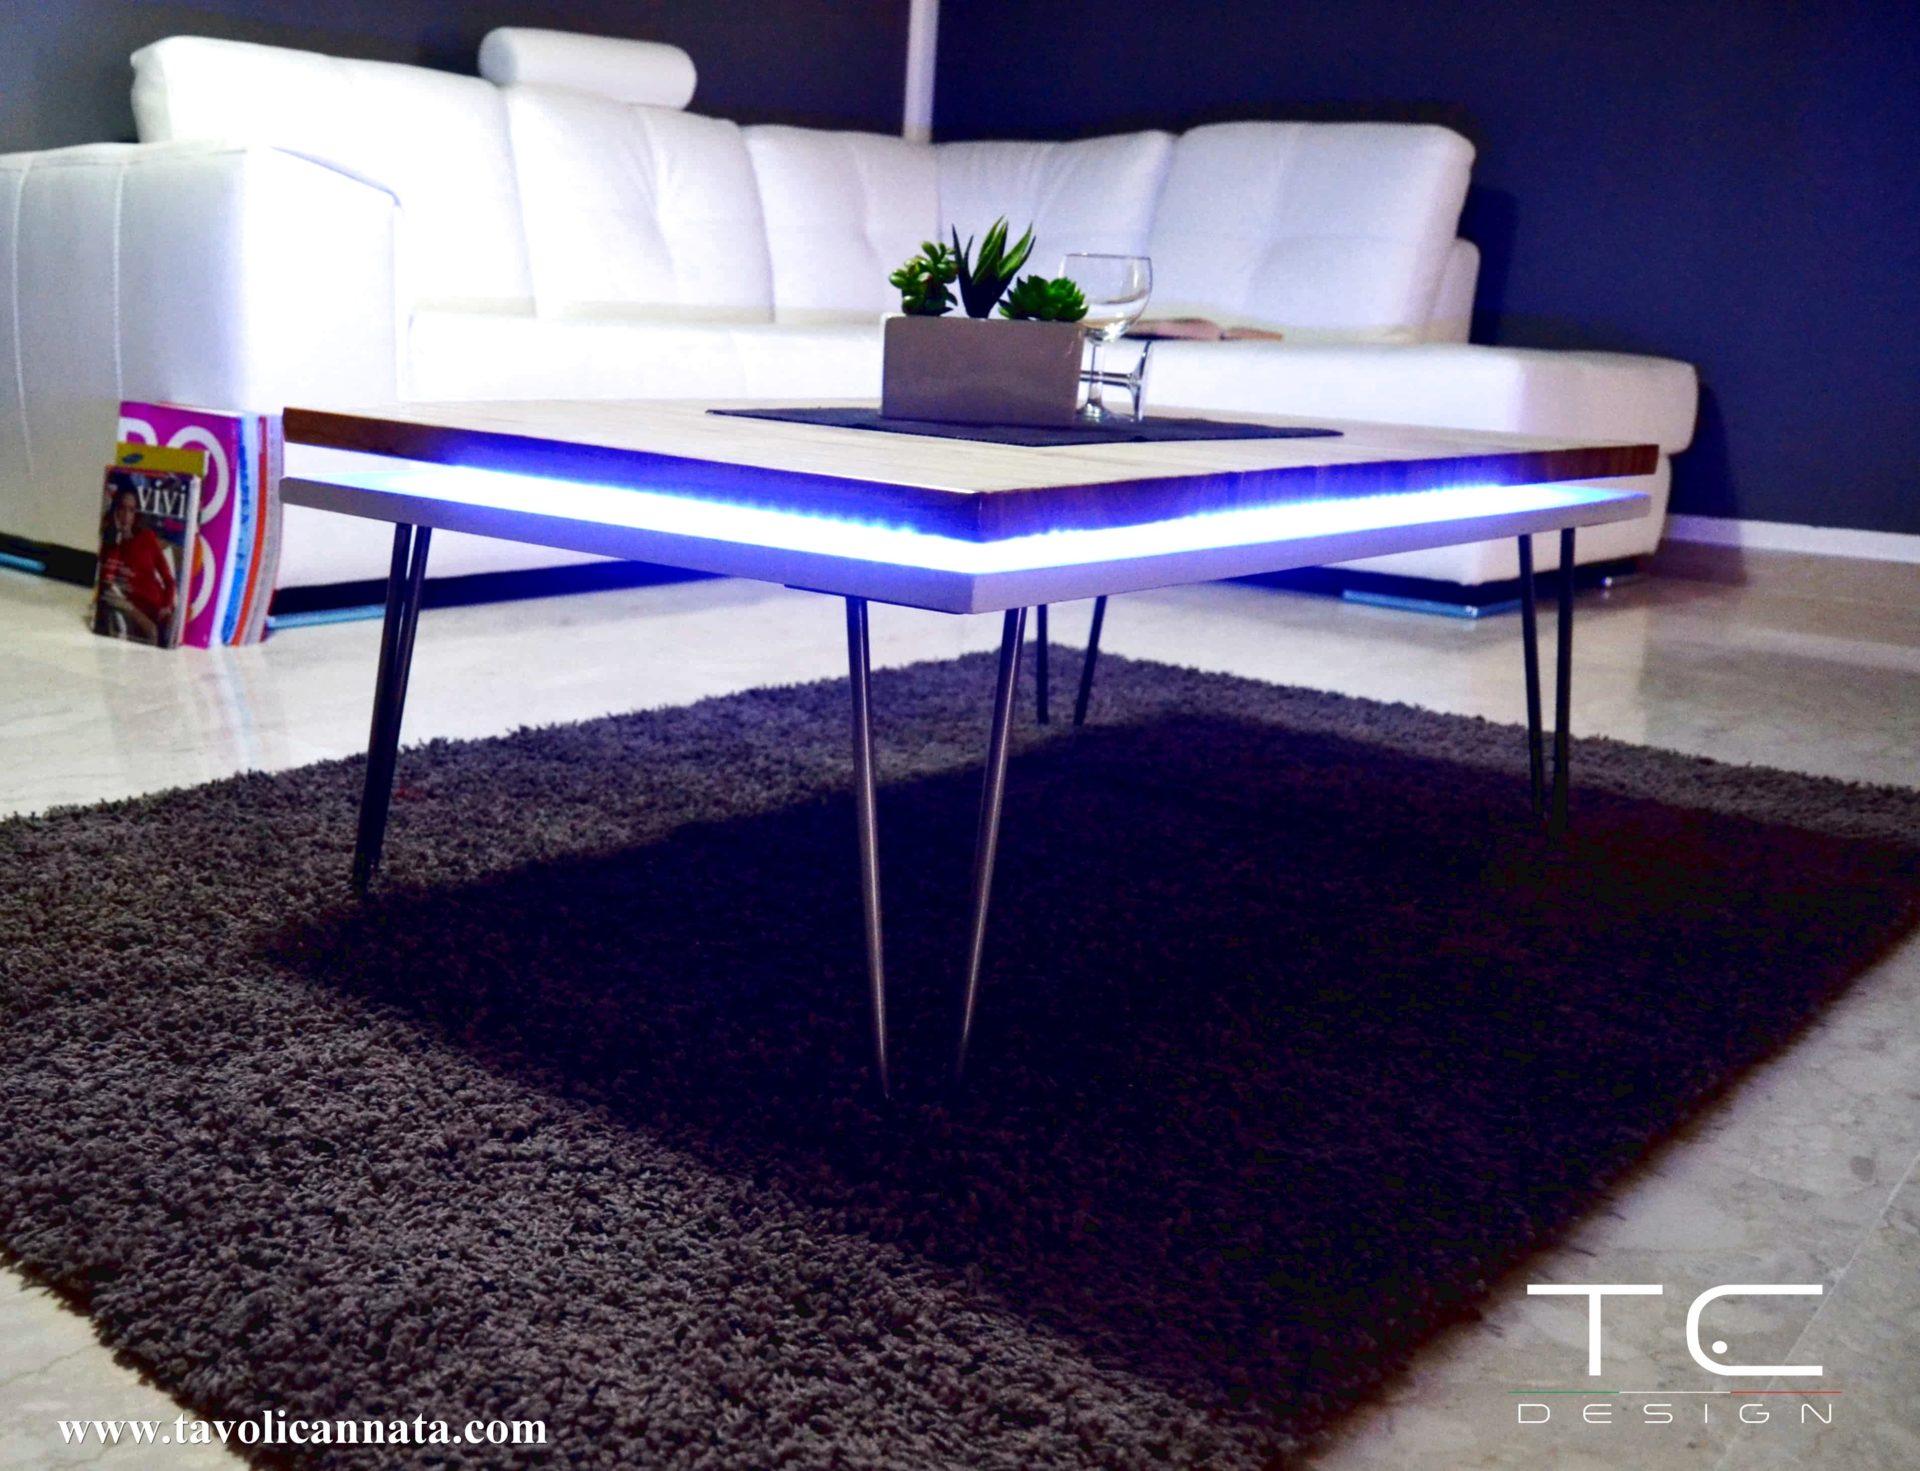 Tavolini per soggiorno moderni di design - Tavolini Cannata